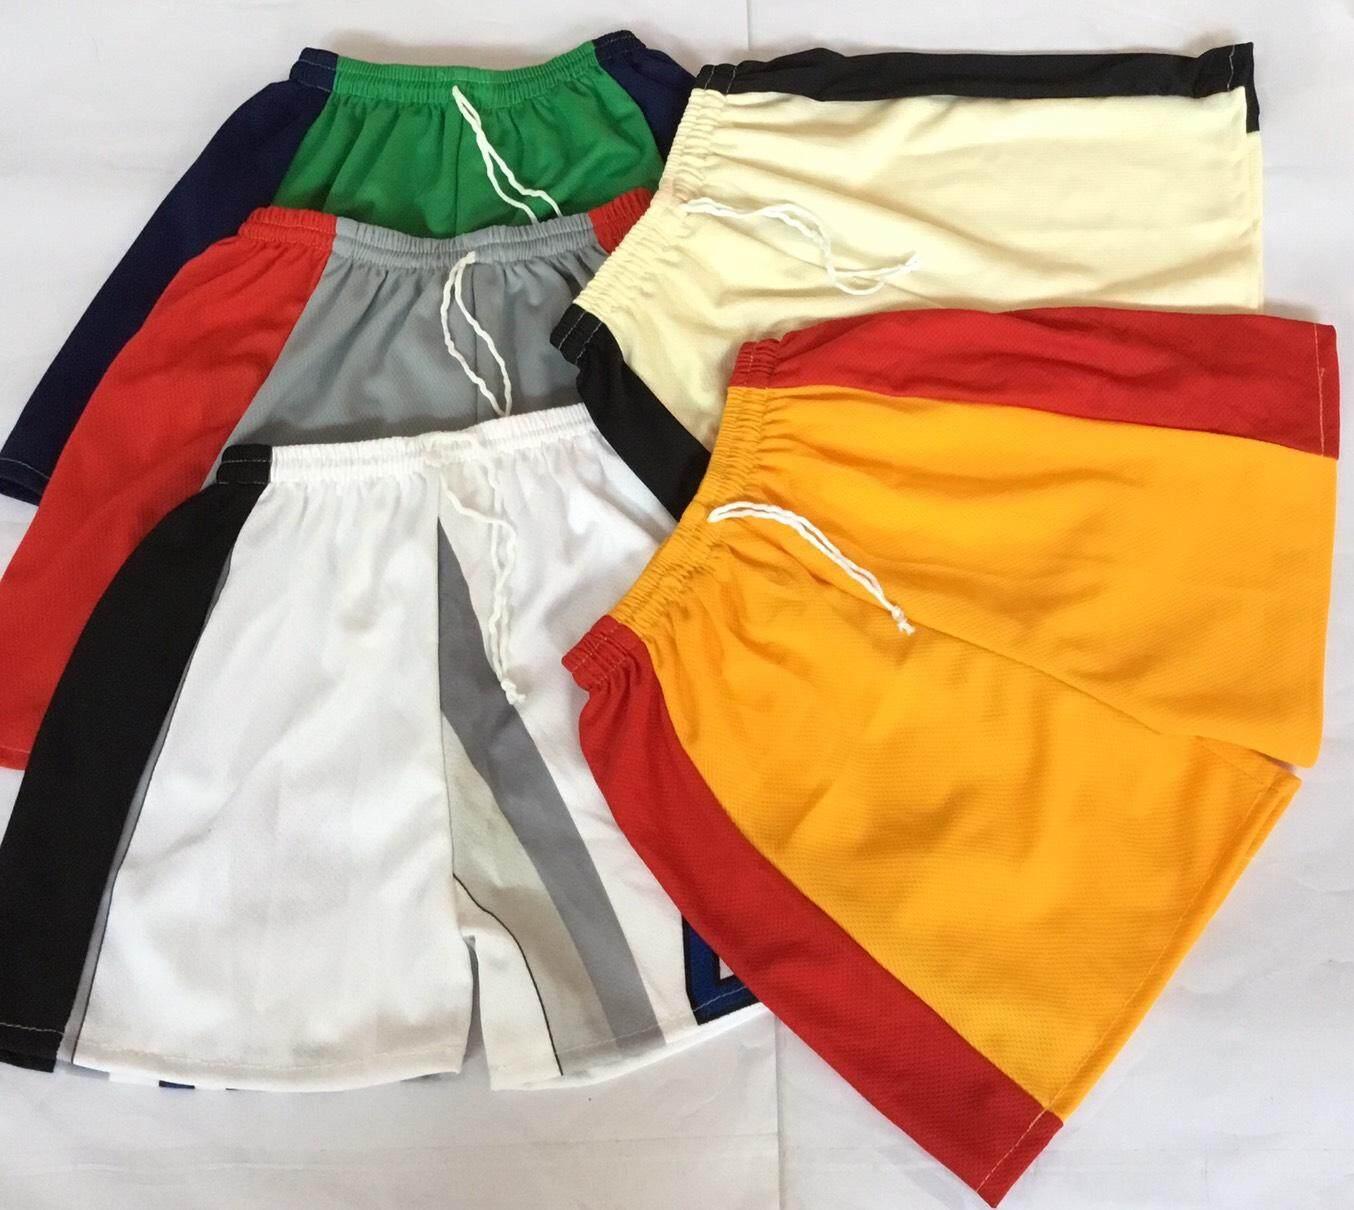 กางเกงขาสั้นเด็ก ชายและหญิง ขนาดสะเอวที่ใส่ได้18-28นิ้ว ราคาเซ็ต5ตัว110บาท